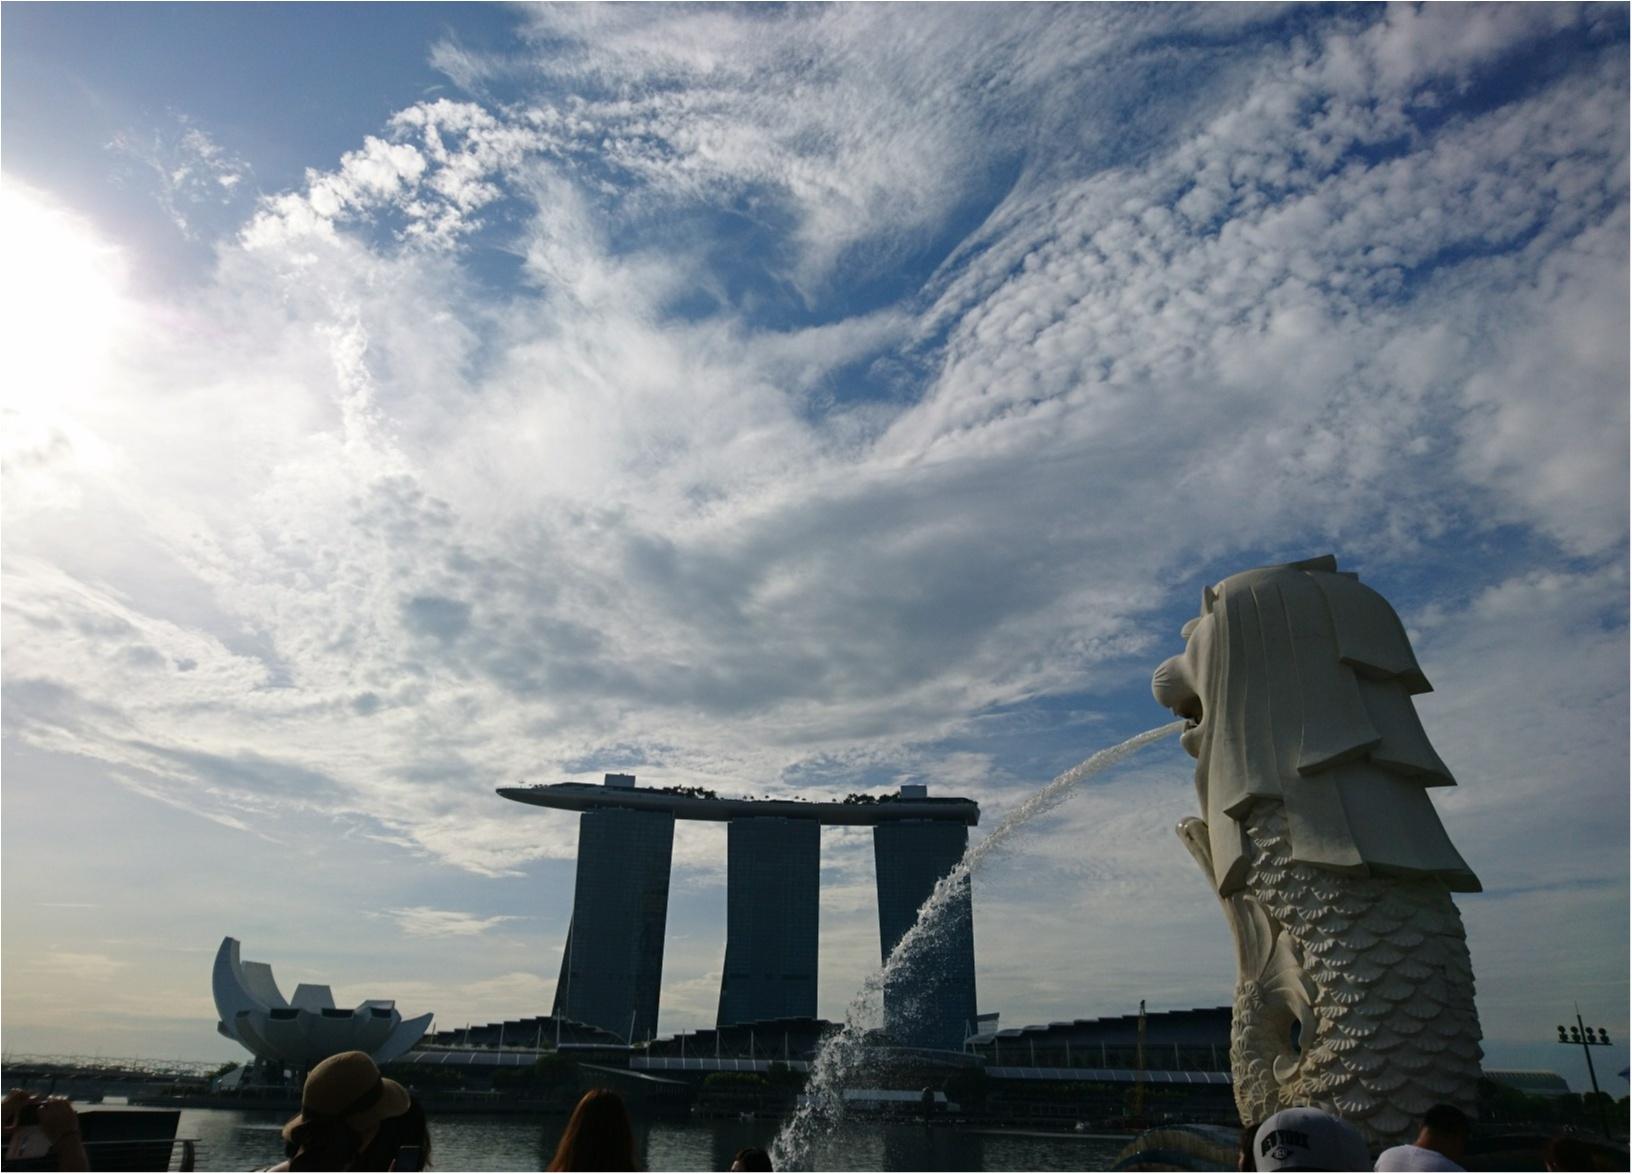 シンガポール女子旅特集 - 人気のマリーナベイ・サンズなどインスタ映えスポット、おいしいグルメがいっぱい♪_47